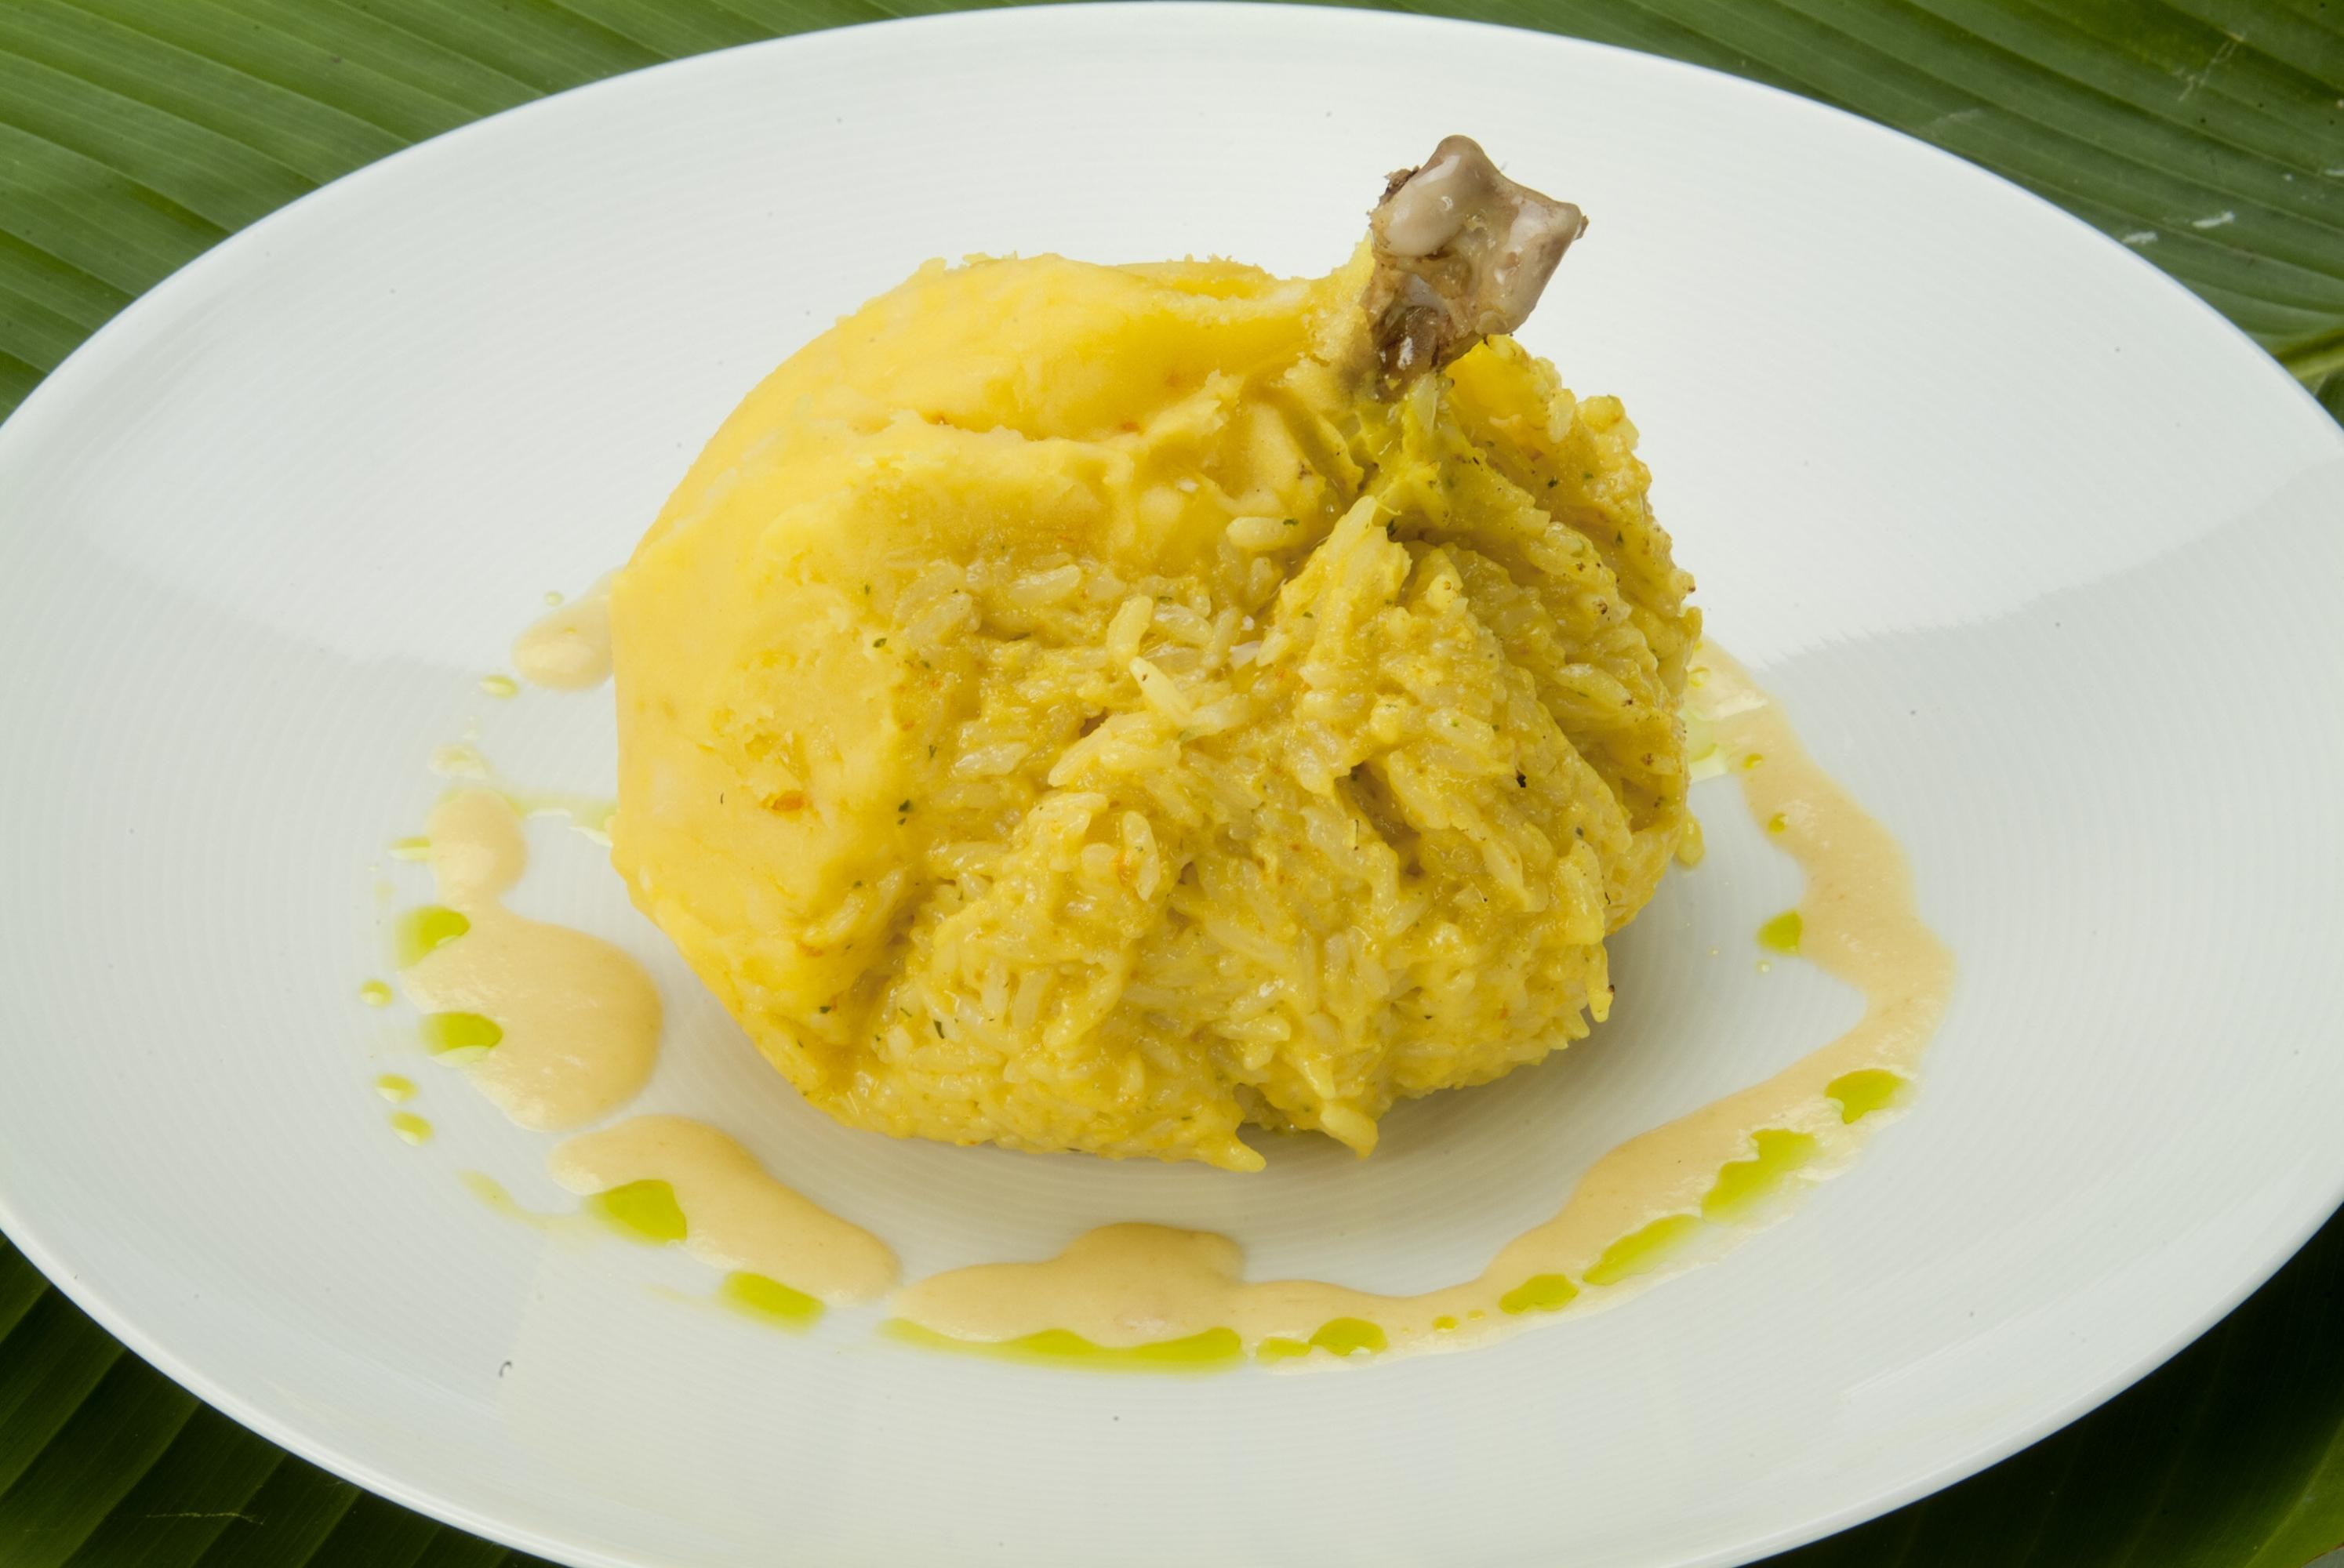 El juane de yuca con arroz es una delicia chachapoyana. (Foto: PromPerú)